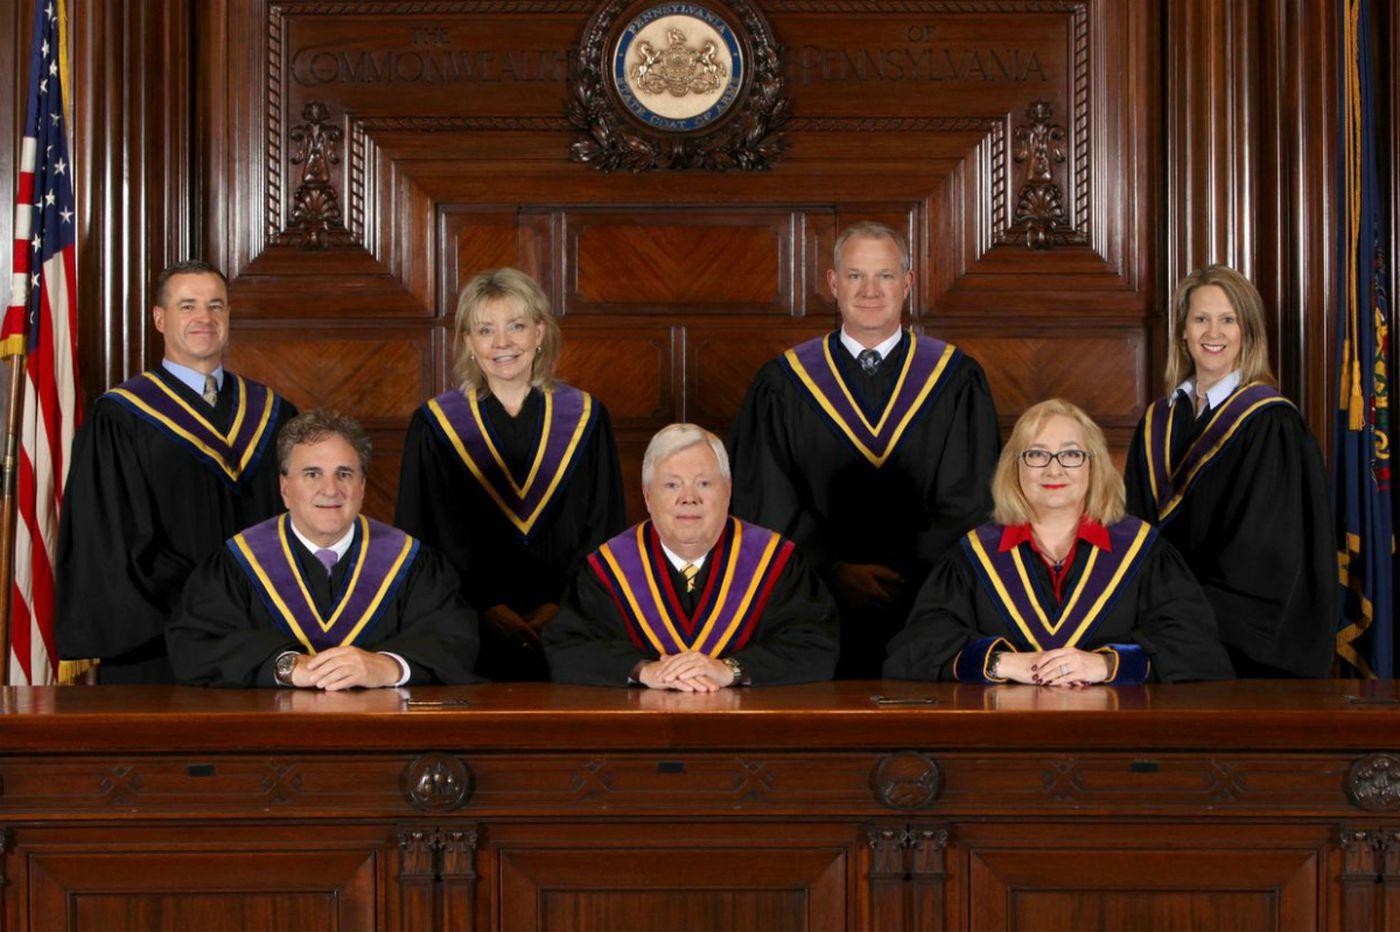 Turmoil (again) for Pennsylvania's Supreme Court   John Baer